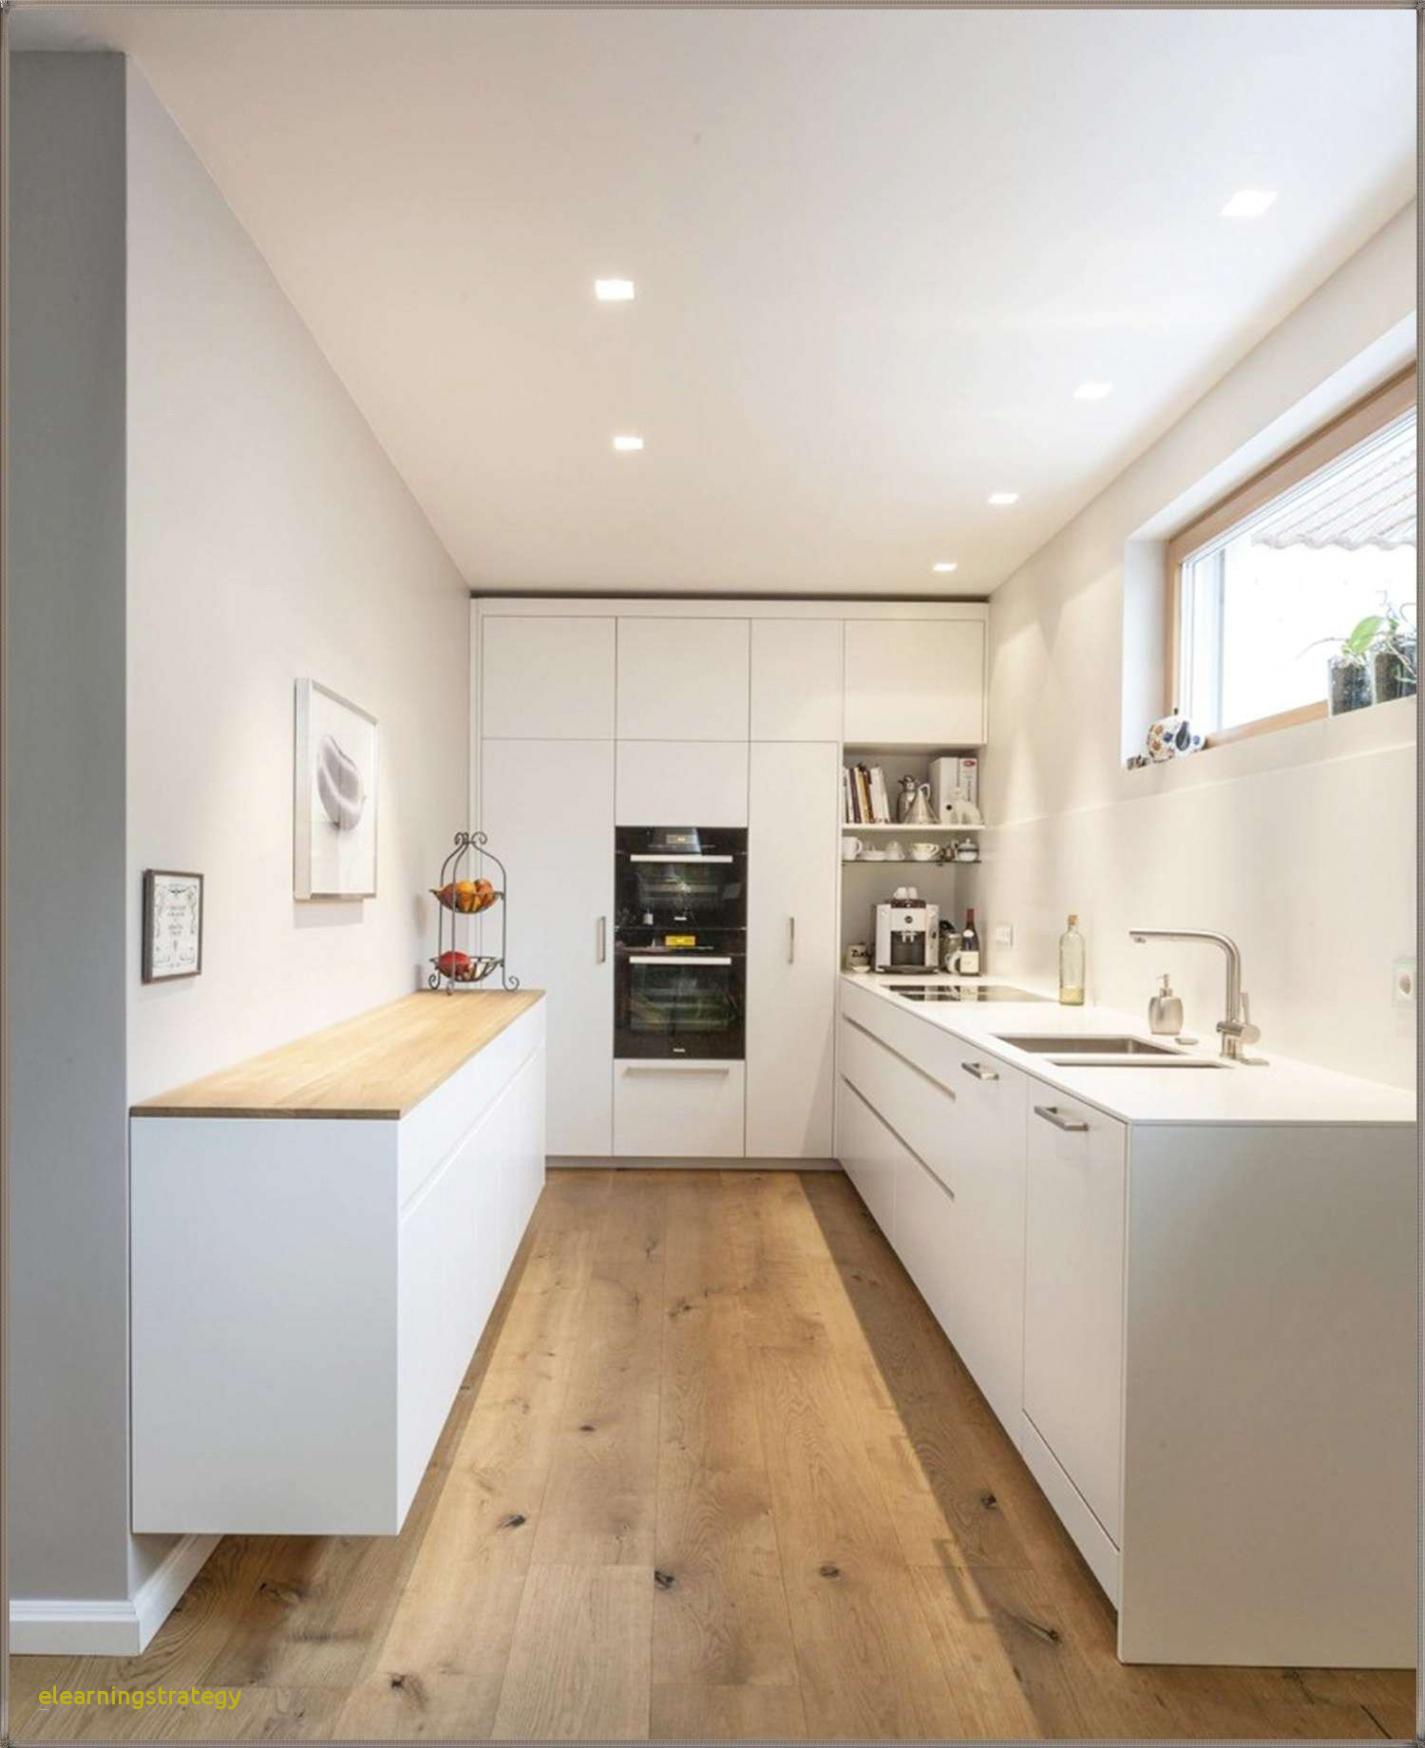 welche prachtig gebrauchte kuchen berlin gedanke elearningstrategy kleine kuche ideen kleine kuche ideen